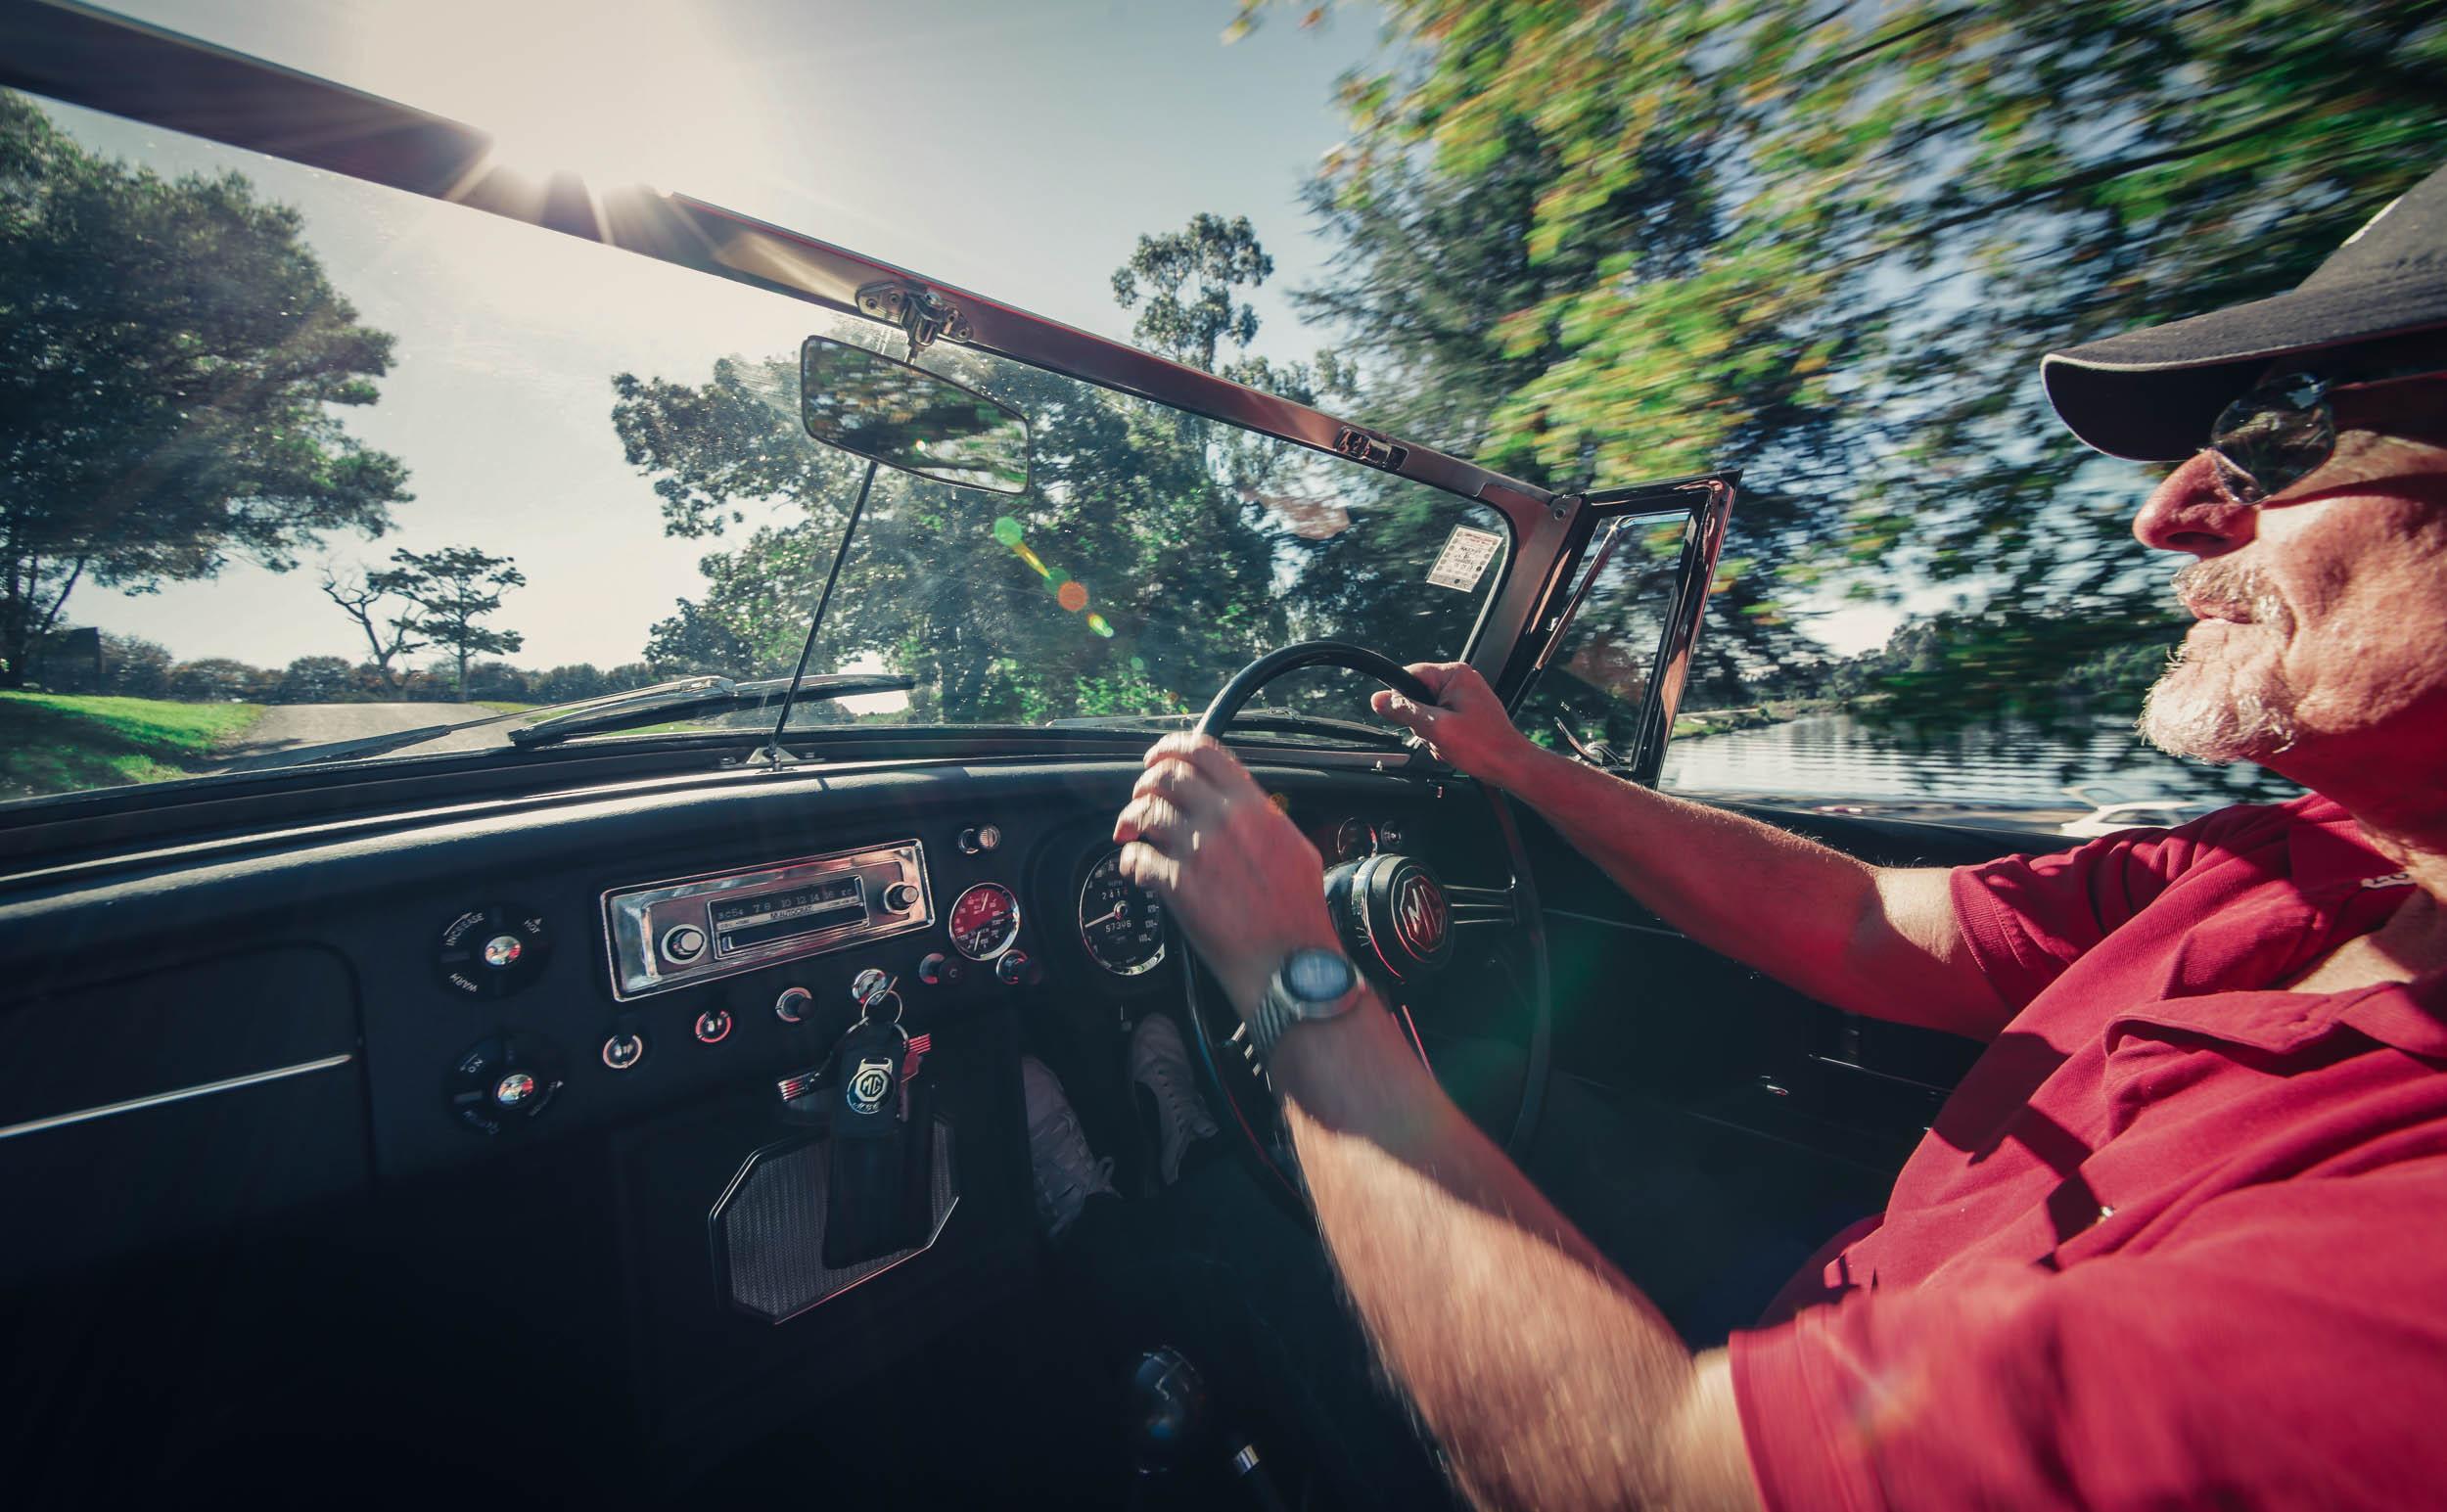 MGA-50-classic driver mag-camleggettphoto.jpg